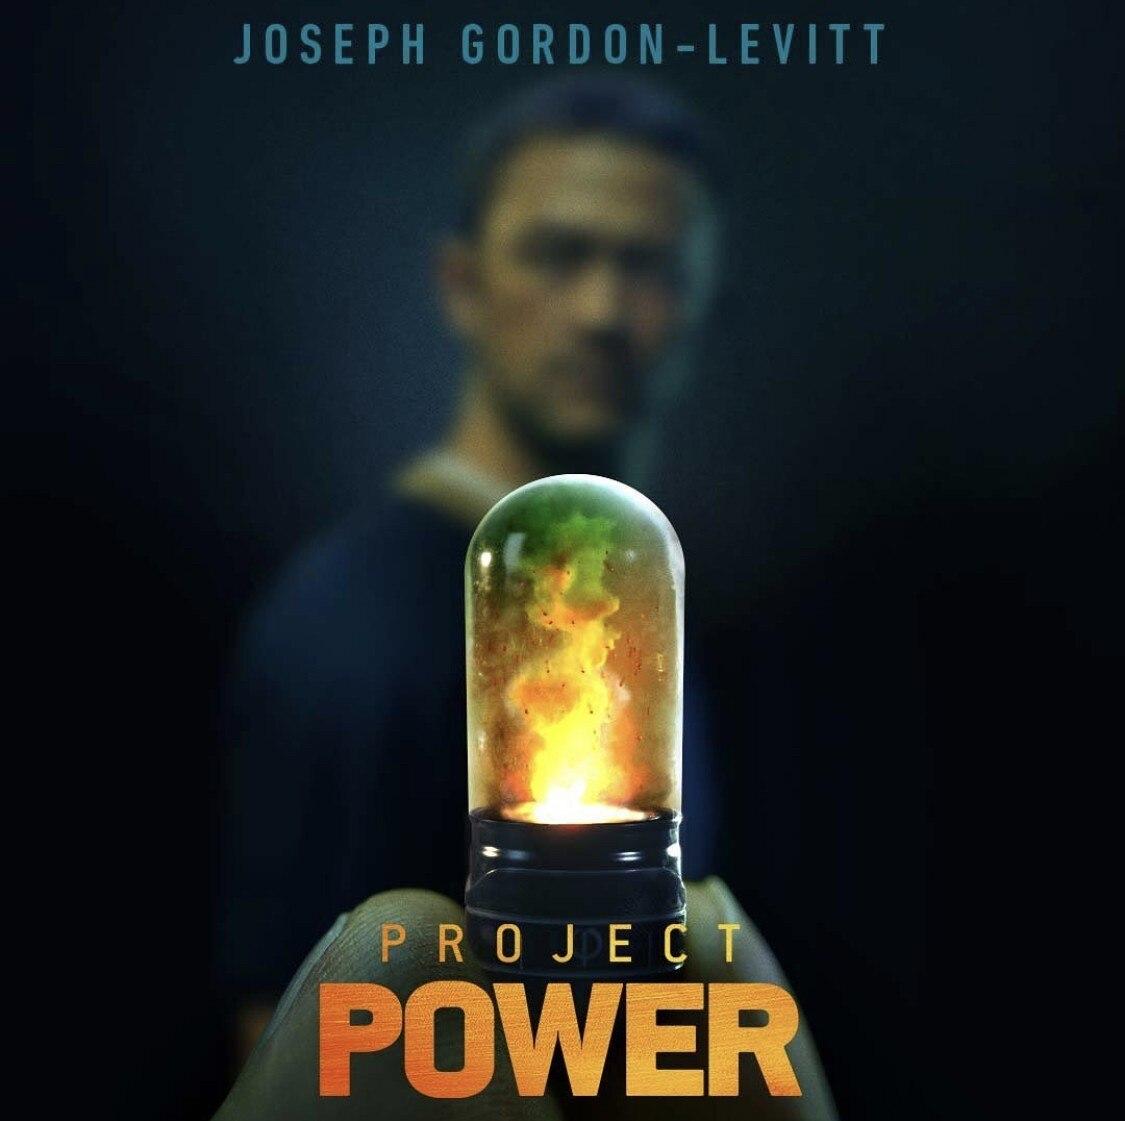 杰米·福克斯、约瑟夫·高登-莱维特主演NETFLIX动作电影《超能计划》首曝中文预告